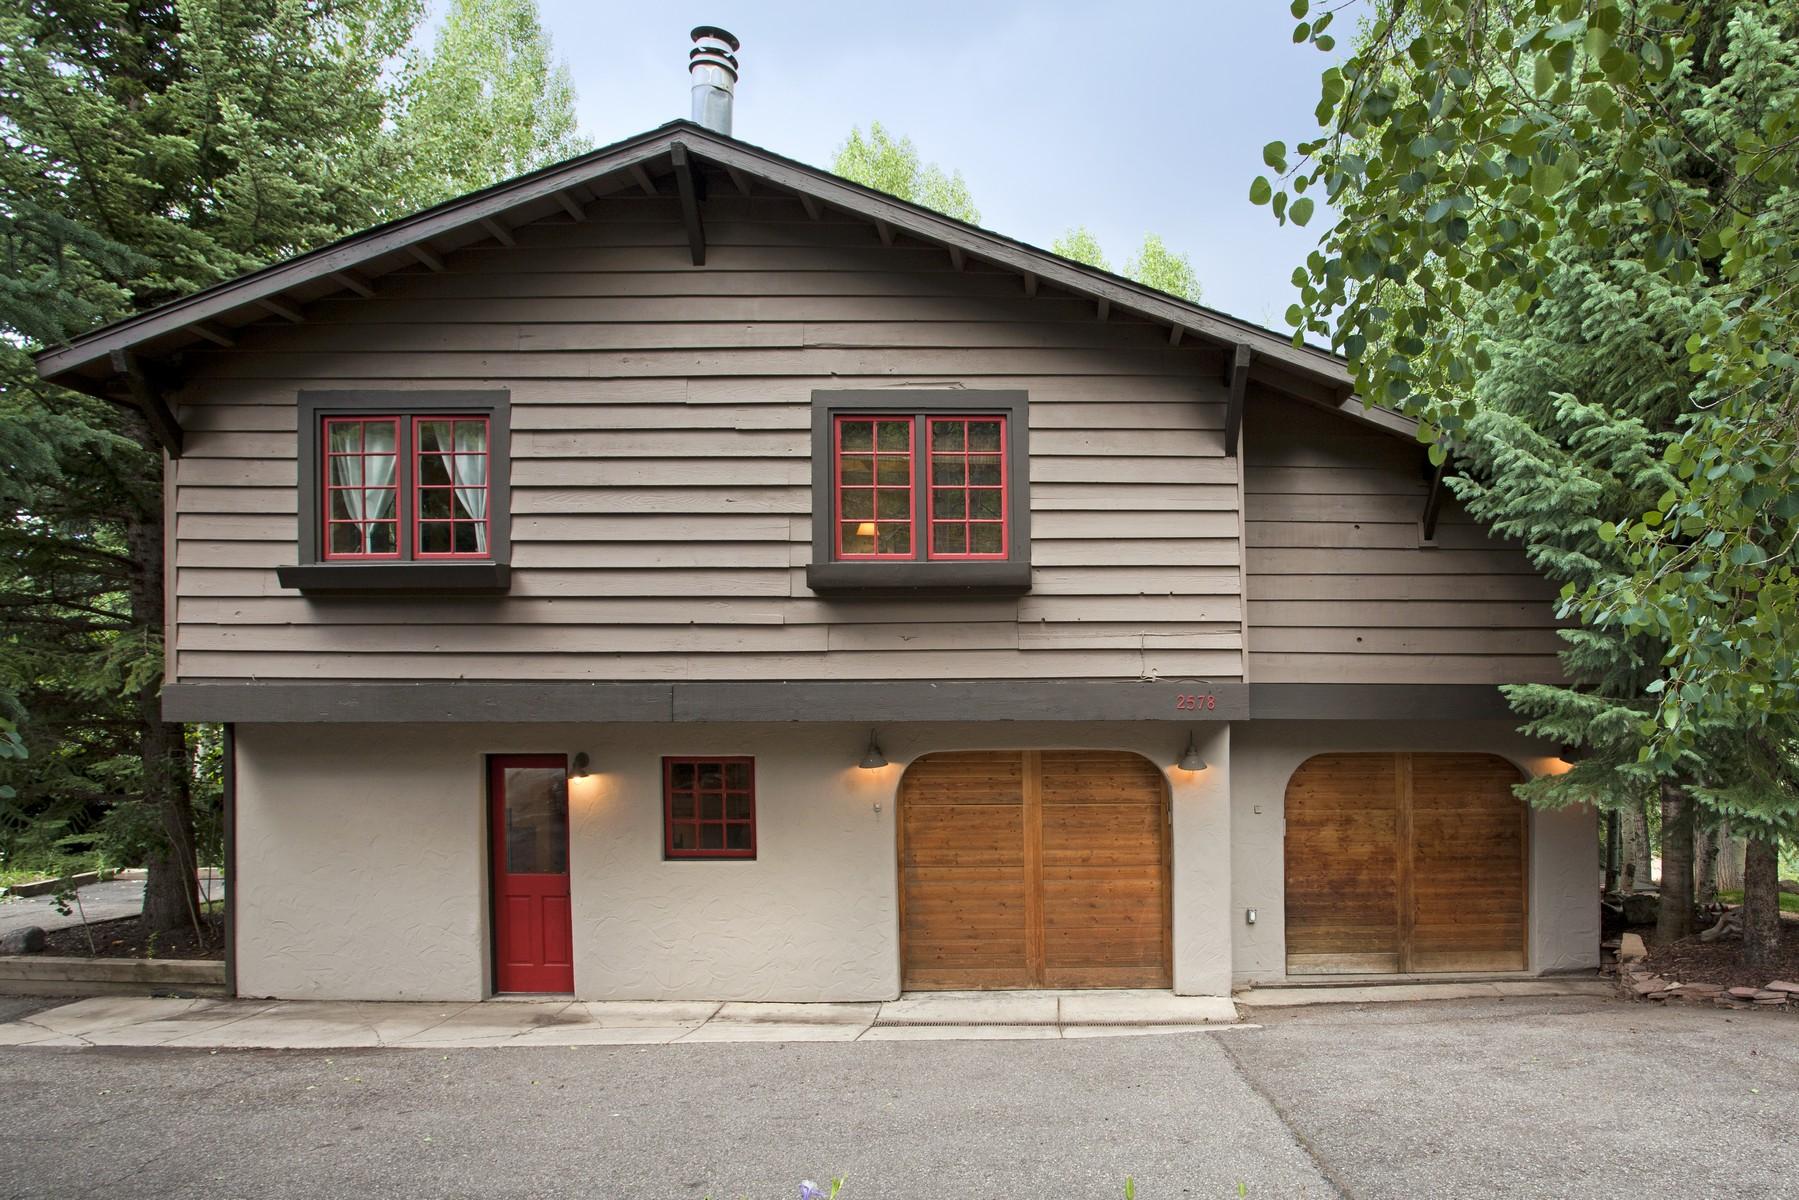 Villa per Vendita alle ore European Chalet Worth Seeing 2578 Arosa Dr. Vail, Colorado, 81657 Stati Uniti